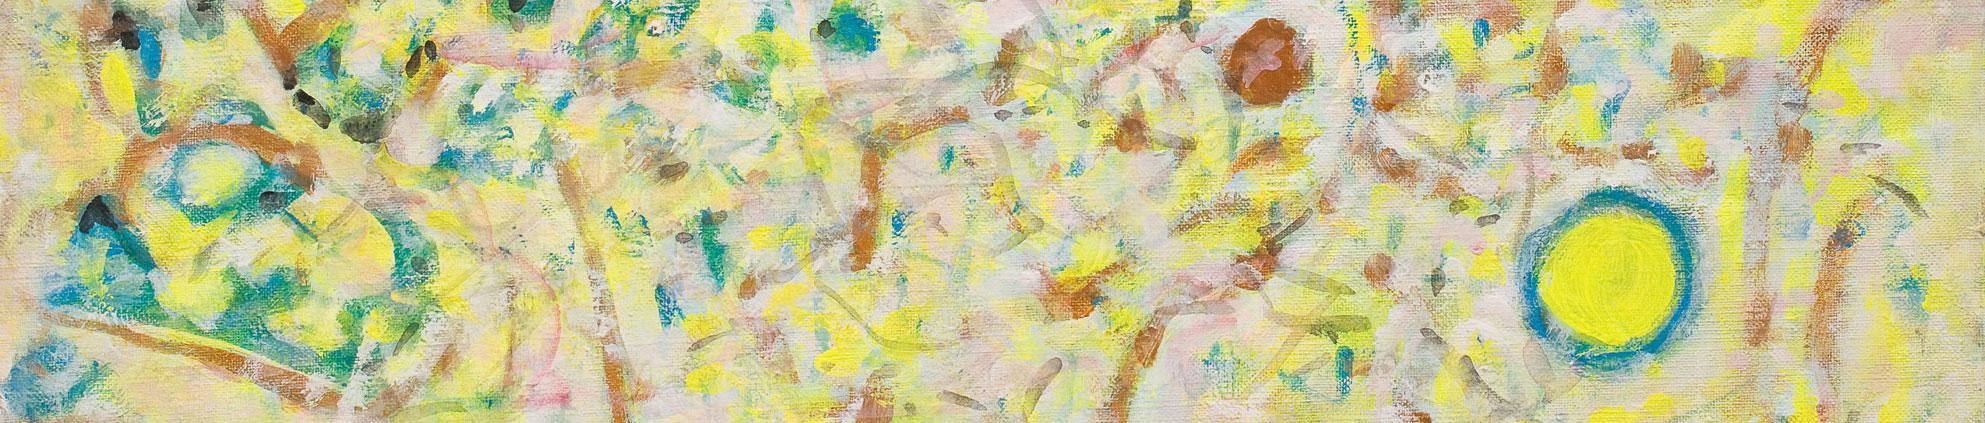 explosion de la couleur - exhibition diane de polignac gallery 2021